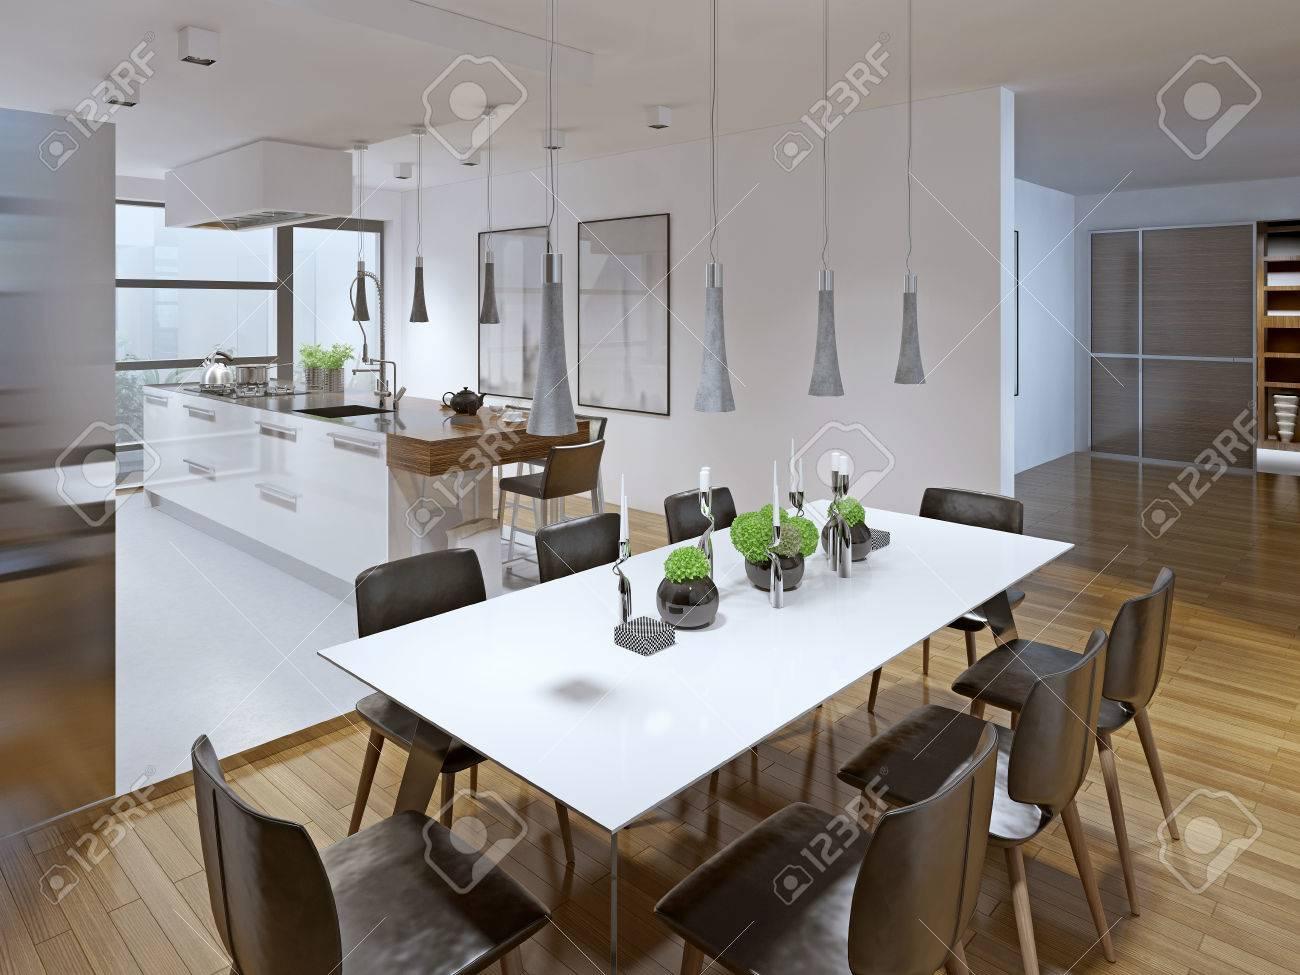 Design Der Modernen Küche Mit Esszimmer. 3D übertragen Lizenzfreie ...